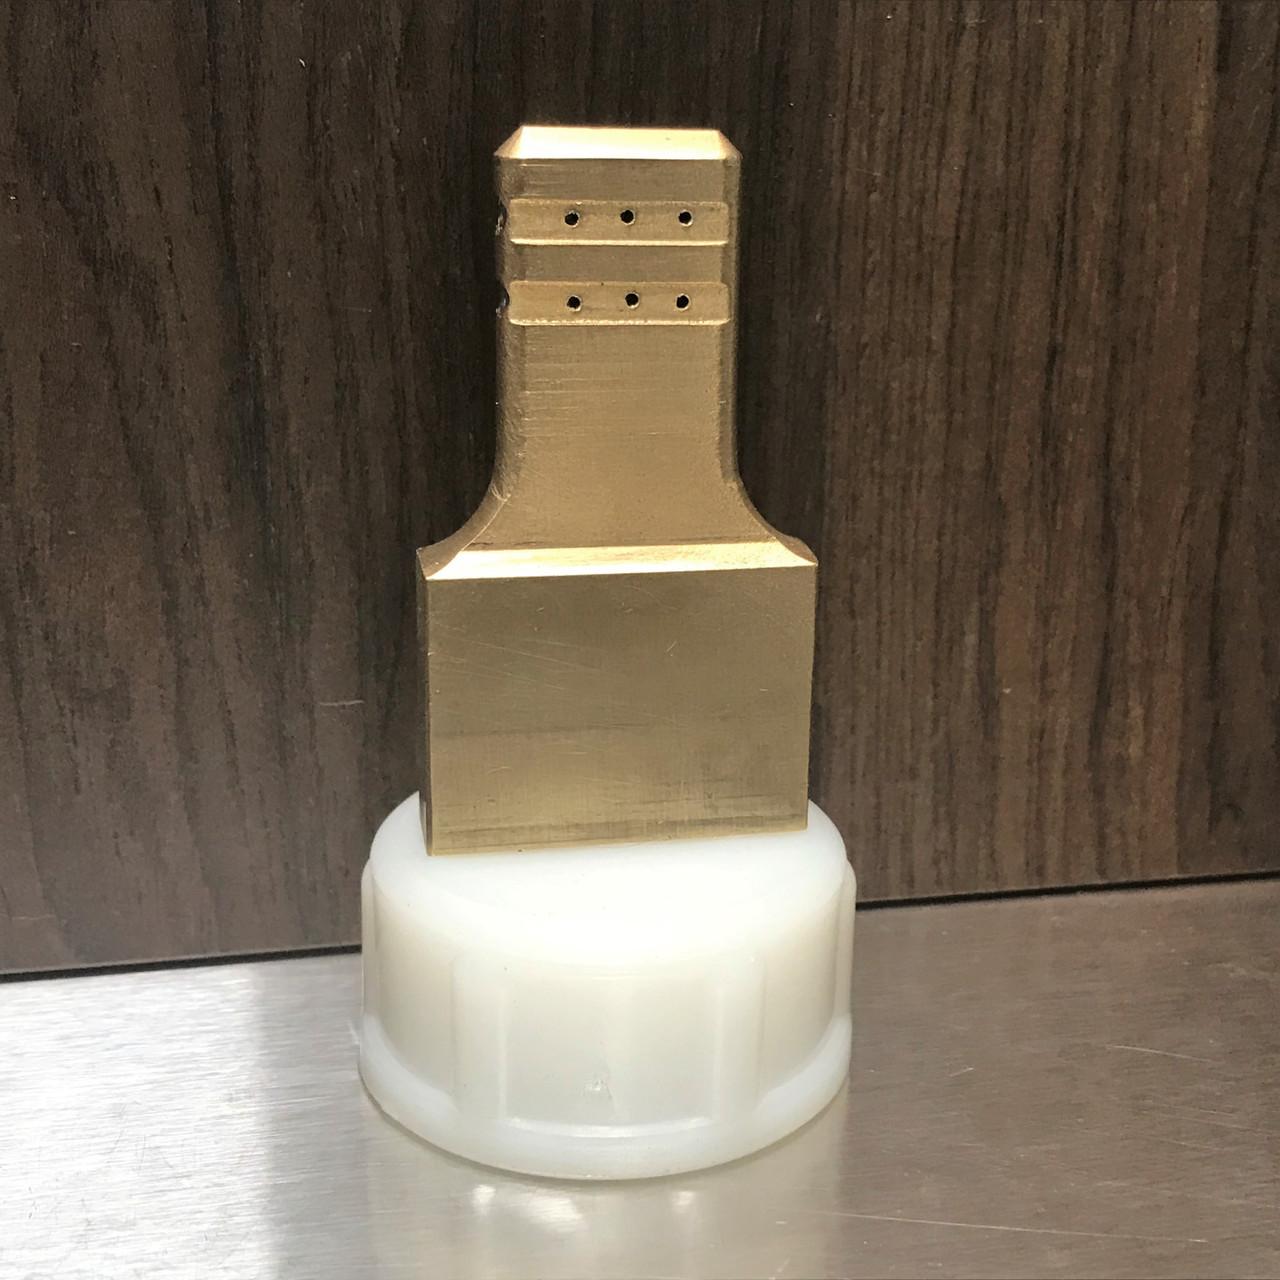 Pizzi Domino (Festool) Glue Attachment 5mm X 19mm x 30mm